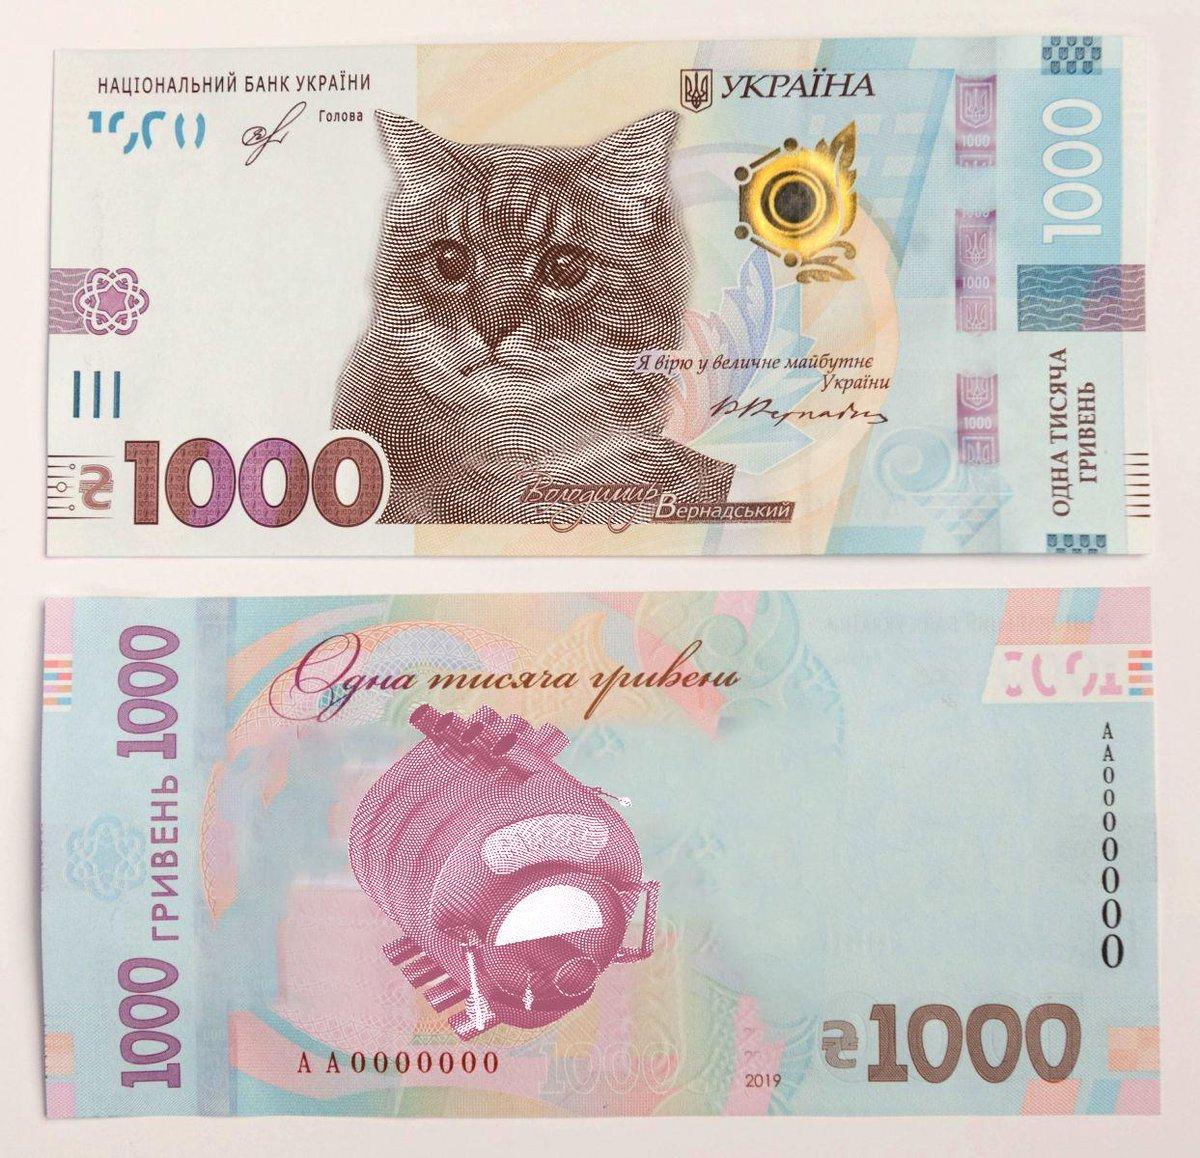 В Украине ввели в оборот 1000 гривен: как распознать подделку и реакция соцсетей, - ФОТО, фото-15